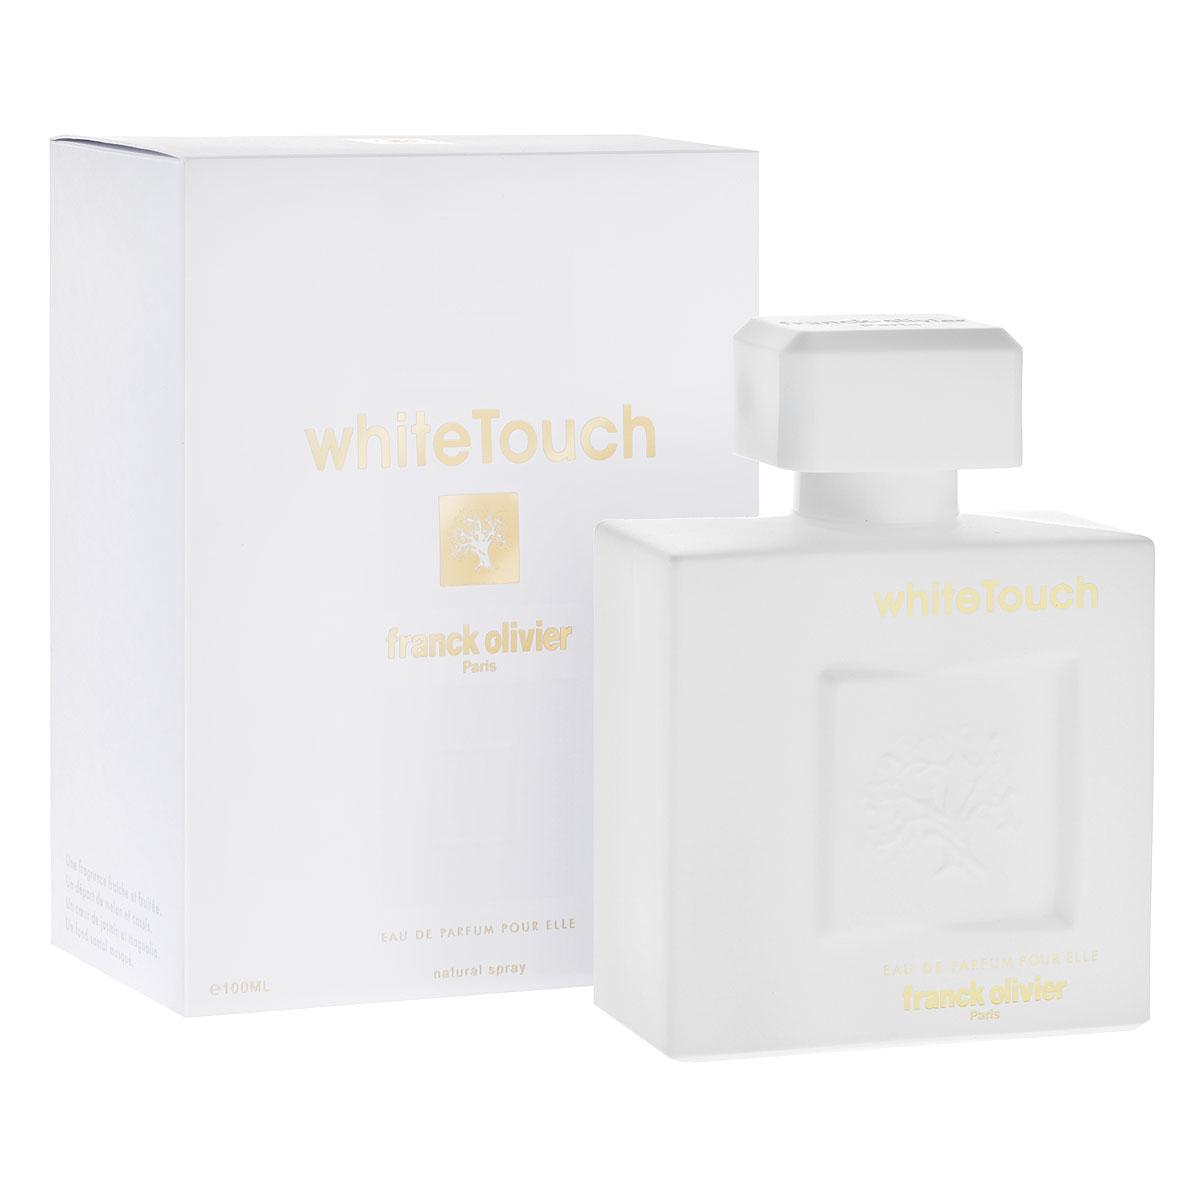 """Franck Olivier Парфюмерная вода White Touch, женская, 100 мл45341Известный бренд Franck Olivier выпустил новый аромат """"White Touch"""". На этот раз в фокусе внимания - экзотический цветочный букет как символ женственности и романтического настроения. Хрупкий цветок в прозрачных аккордах White Touch напоминает нам об эфемерности и бесконечной красоте бытия, заключенной в совершенстве форм и тончайшей сладости аромата. Цветочное созвучие, раскрашенное переплетением оттенков характеров, звуков и голосов, сливается в стройную симфонию, исполняемую на разных инструментах. Каждый найдет для себя в этой симфонии что-то свое. Кто-то услышит прохладное дыхание фрезии в объятьях красавицы розы, кто-то будет очарован терпким контральто чувственной даваны и звучащей ей в унисон фиалки. В хороводе прозрачных оттенков вырисовывается танцующий силуэт чарующей женственности и красоты. Попробуйте примерить ароматный цветочный наряд """"White Touch"""" от Franck Olivier. Классификация аромата : мягкий цветочный. Пирамида..."""